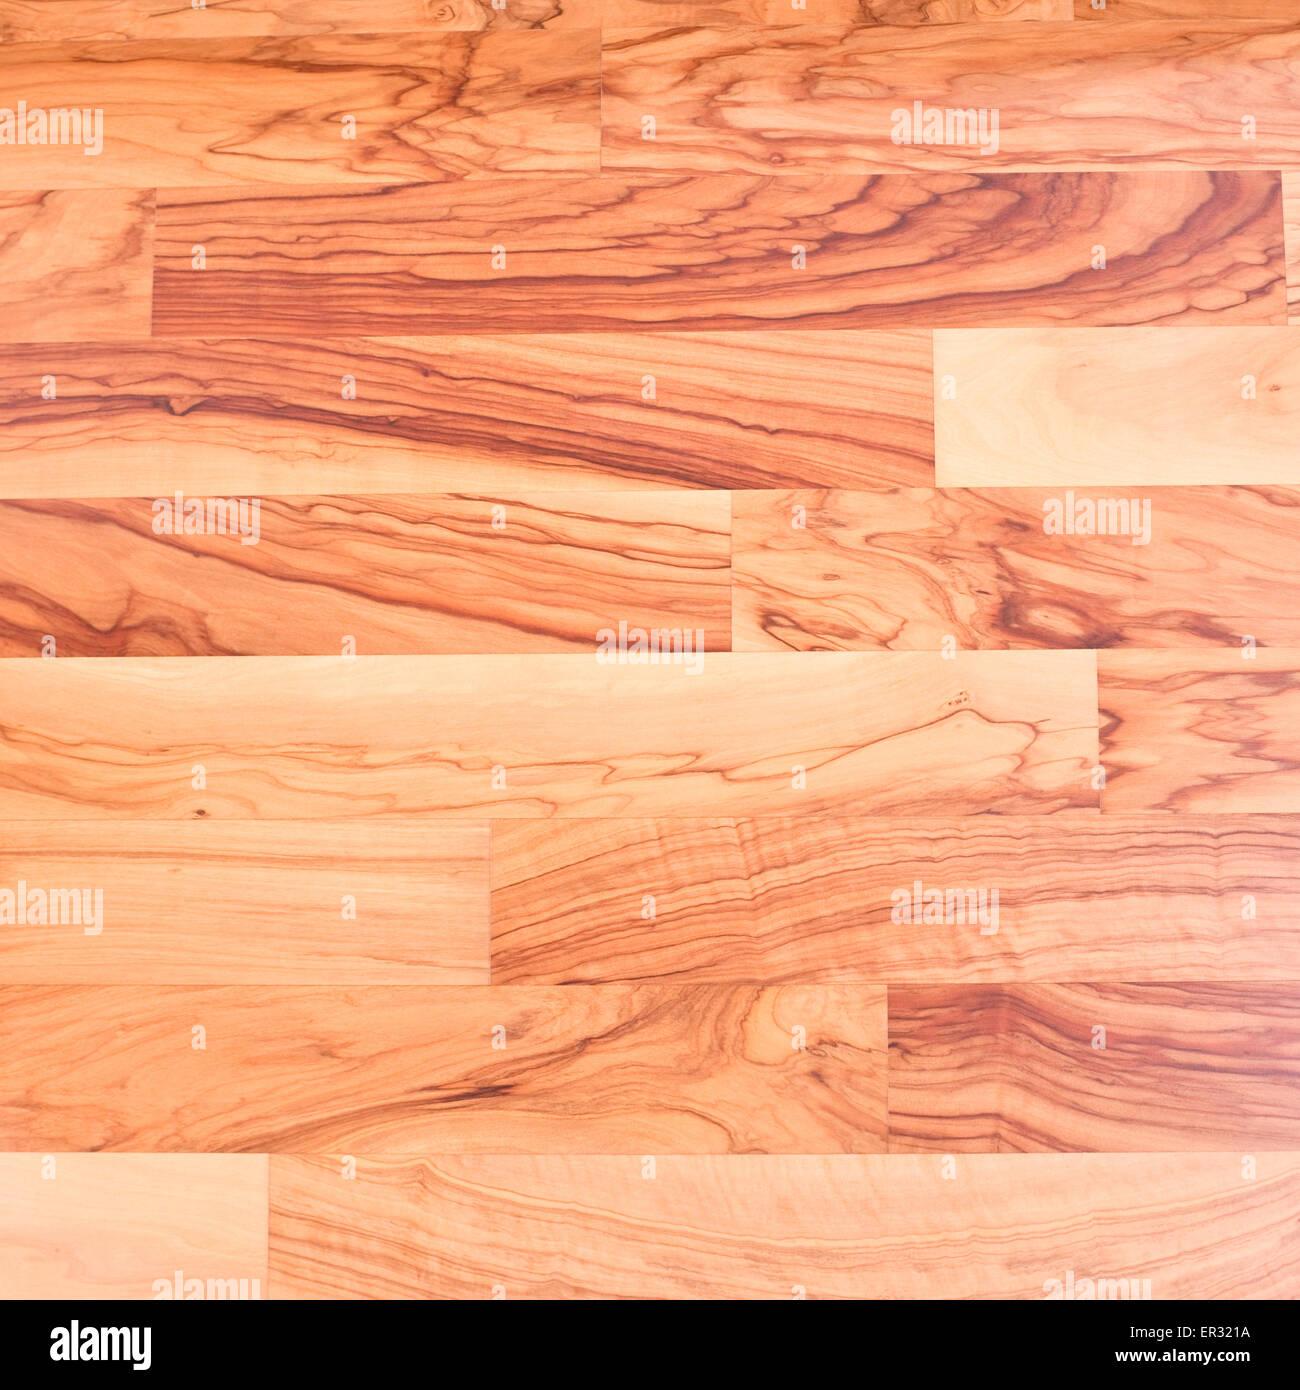 Nahaufnahme Von Holz Laminat Hintergrund   Design Hintergrund